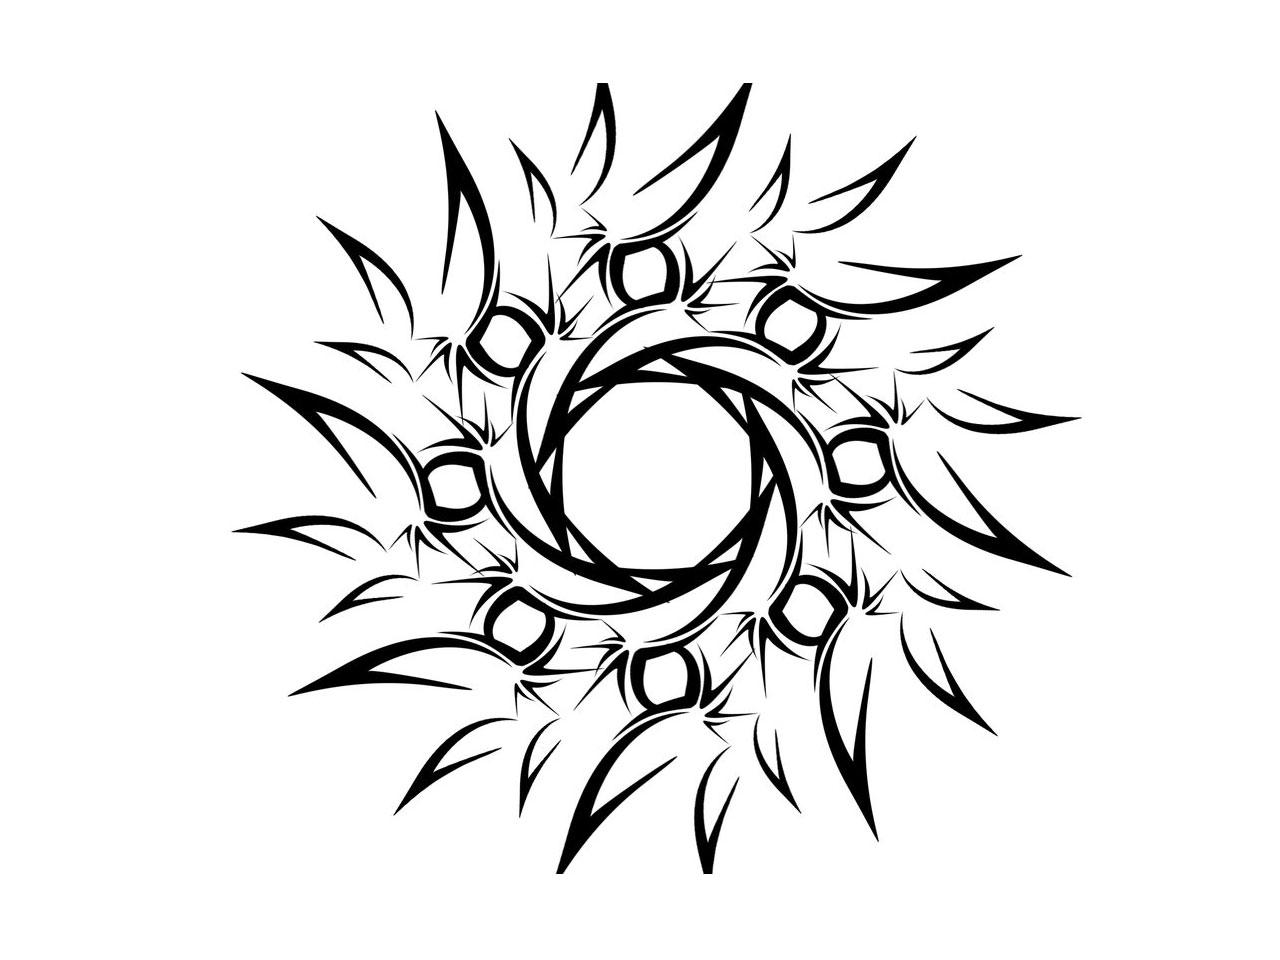 Simple Line Art Drawings